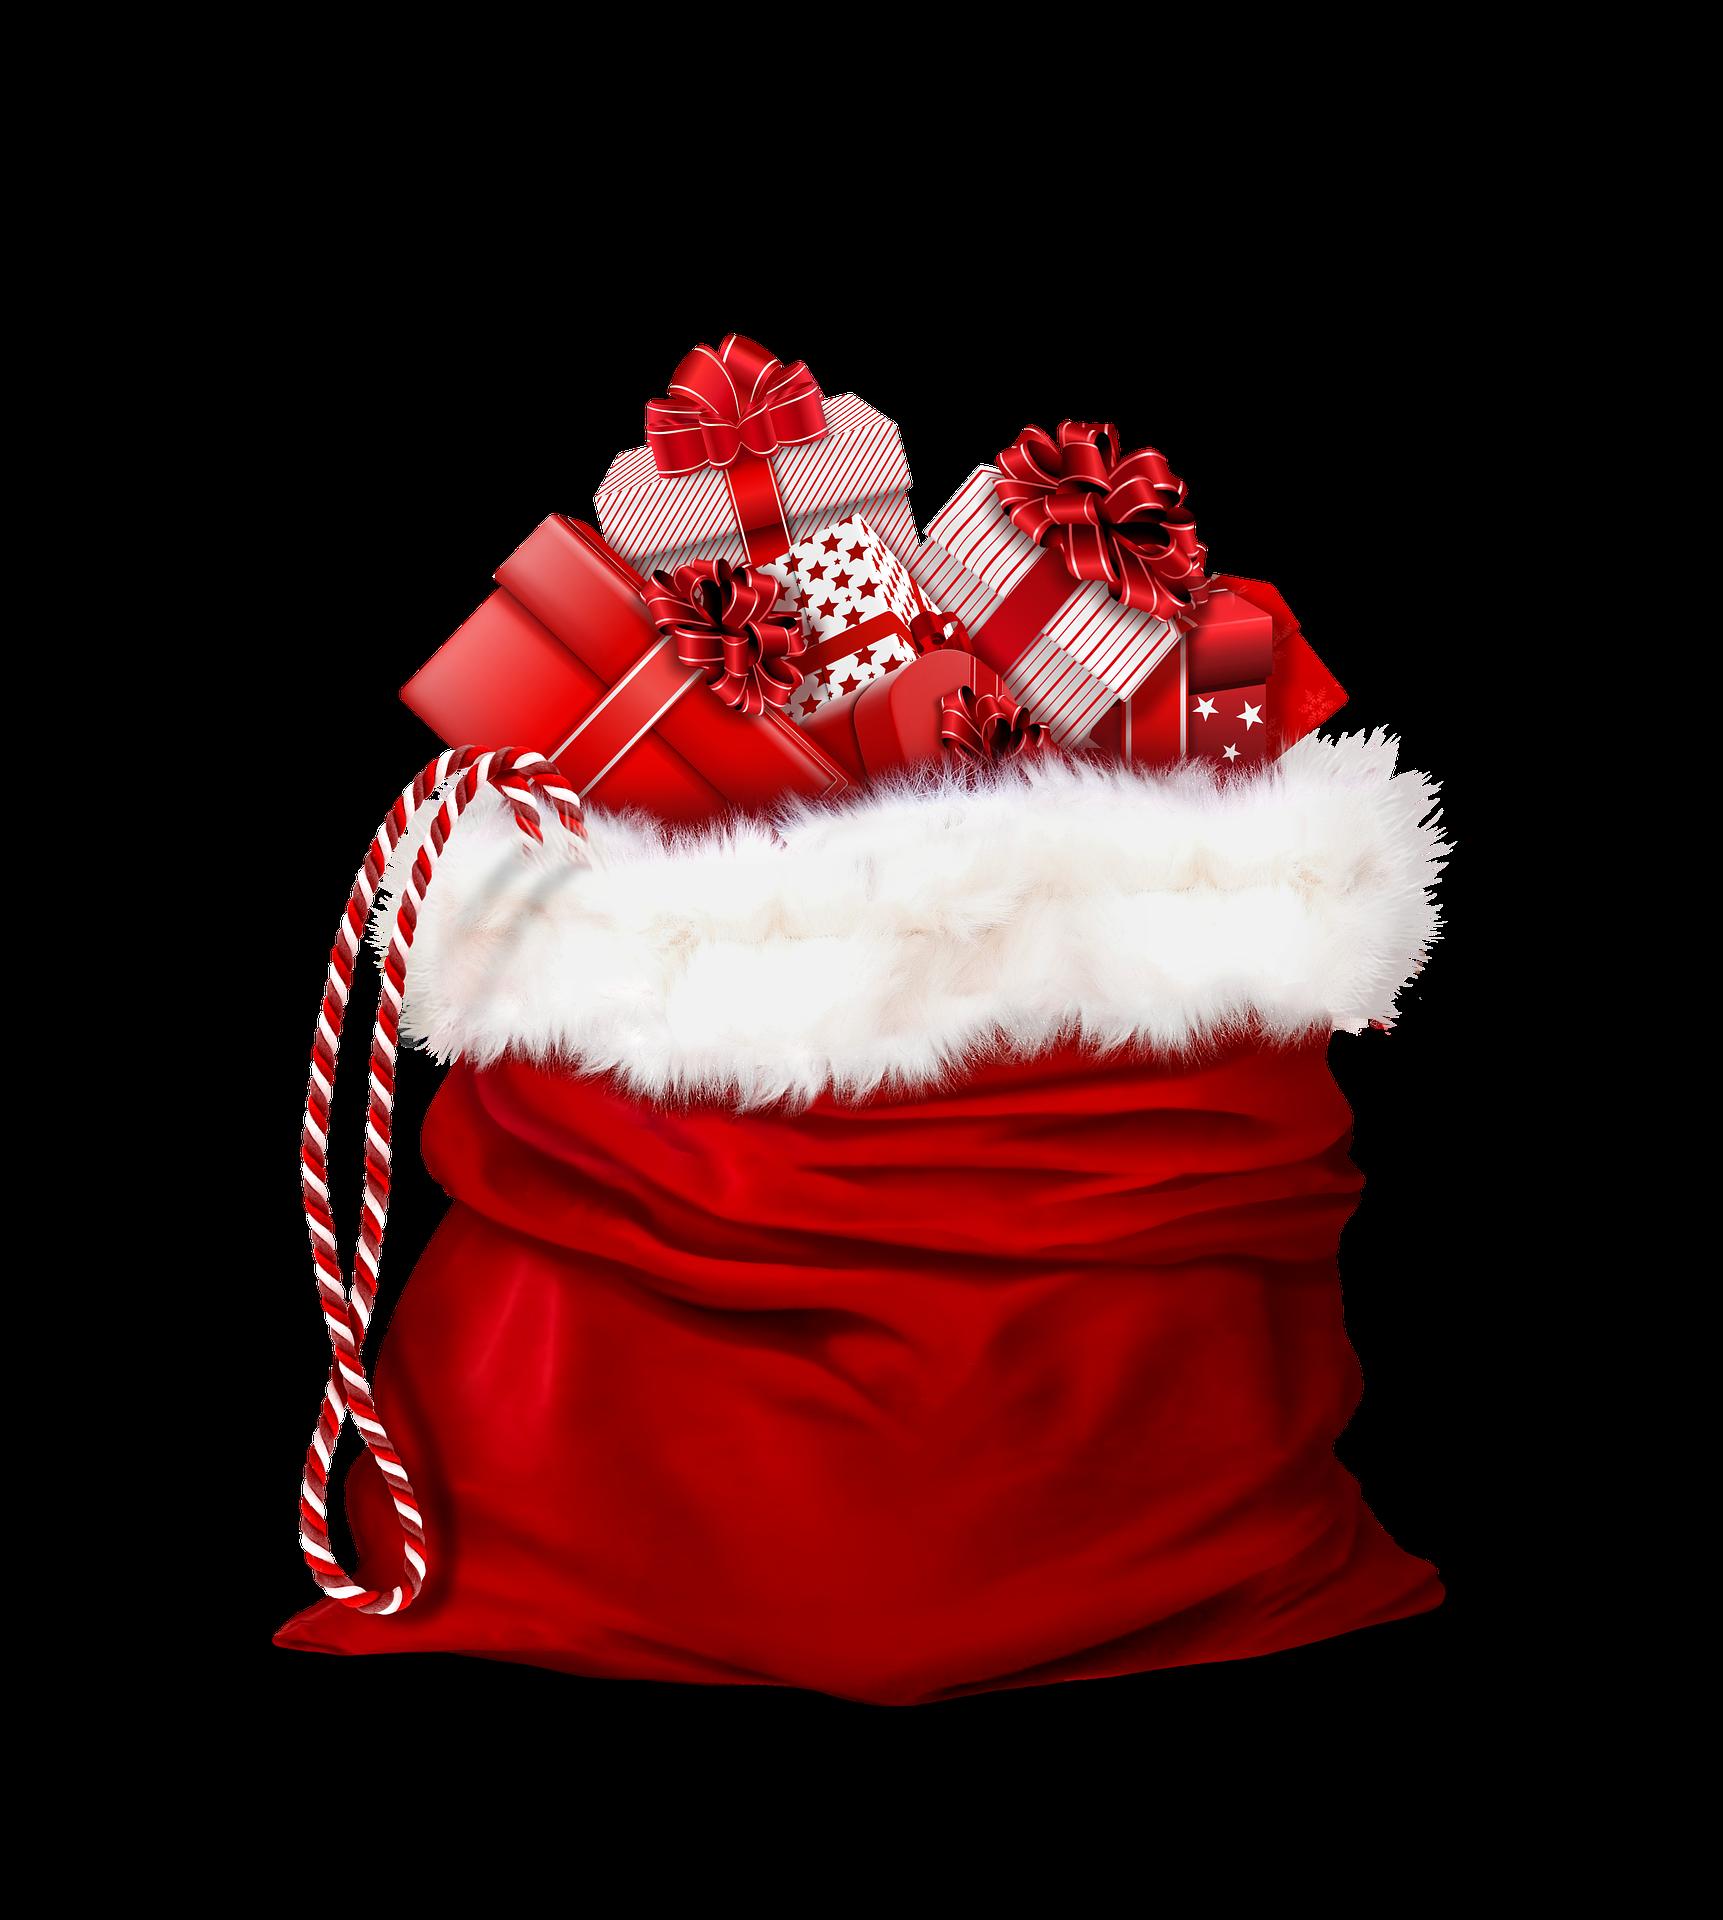 Image de l'article «Joyeux Noël et bonne année!»